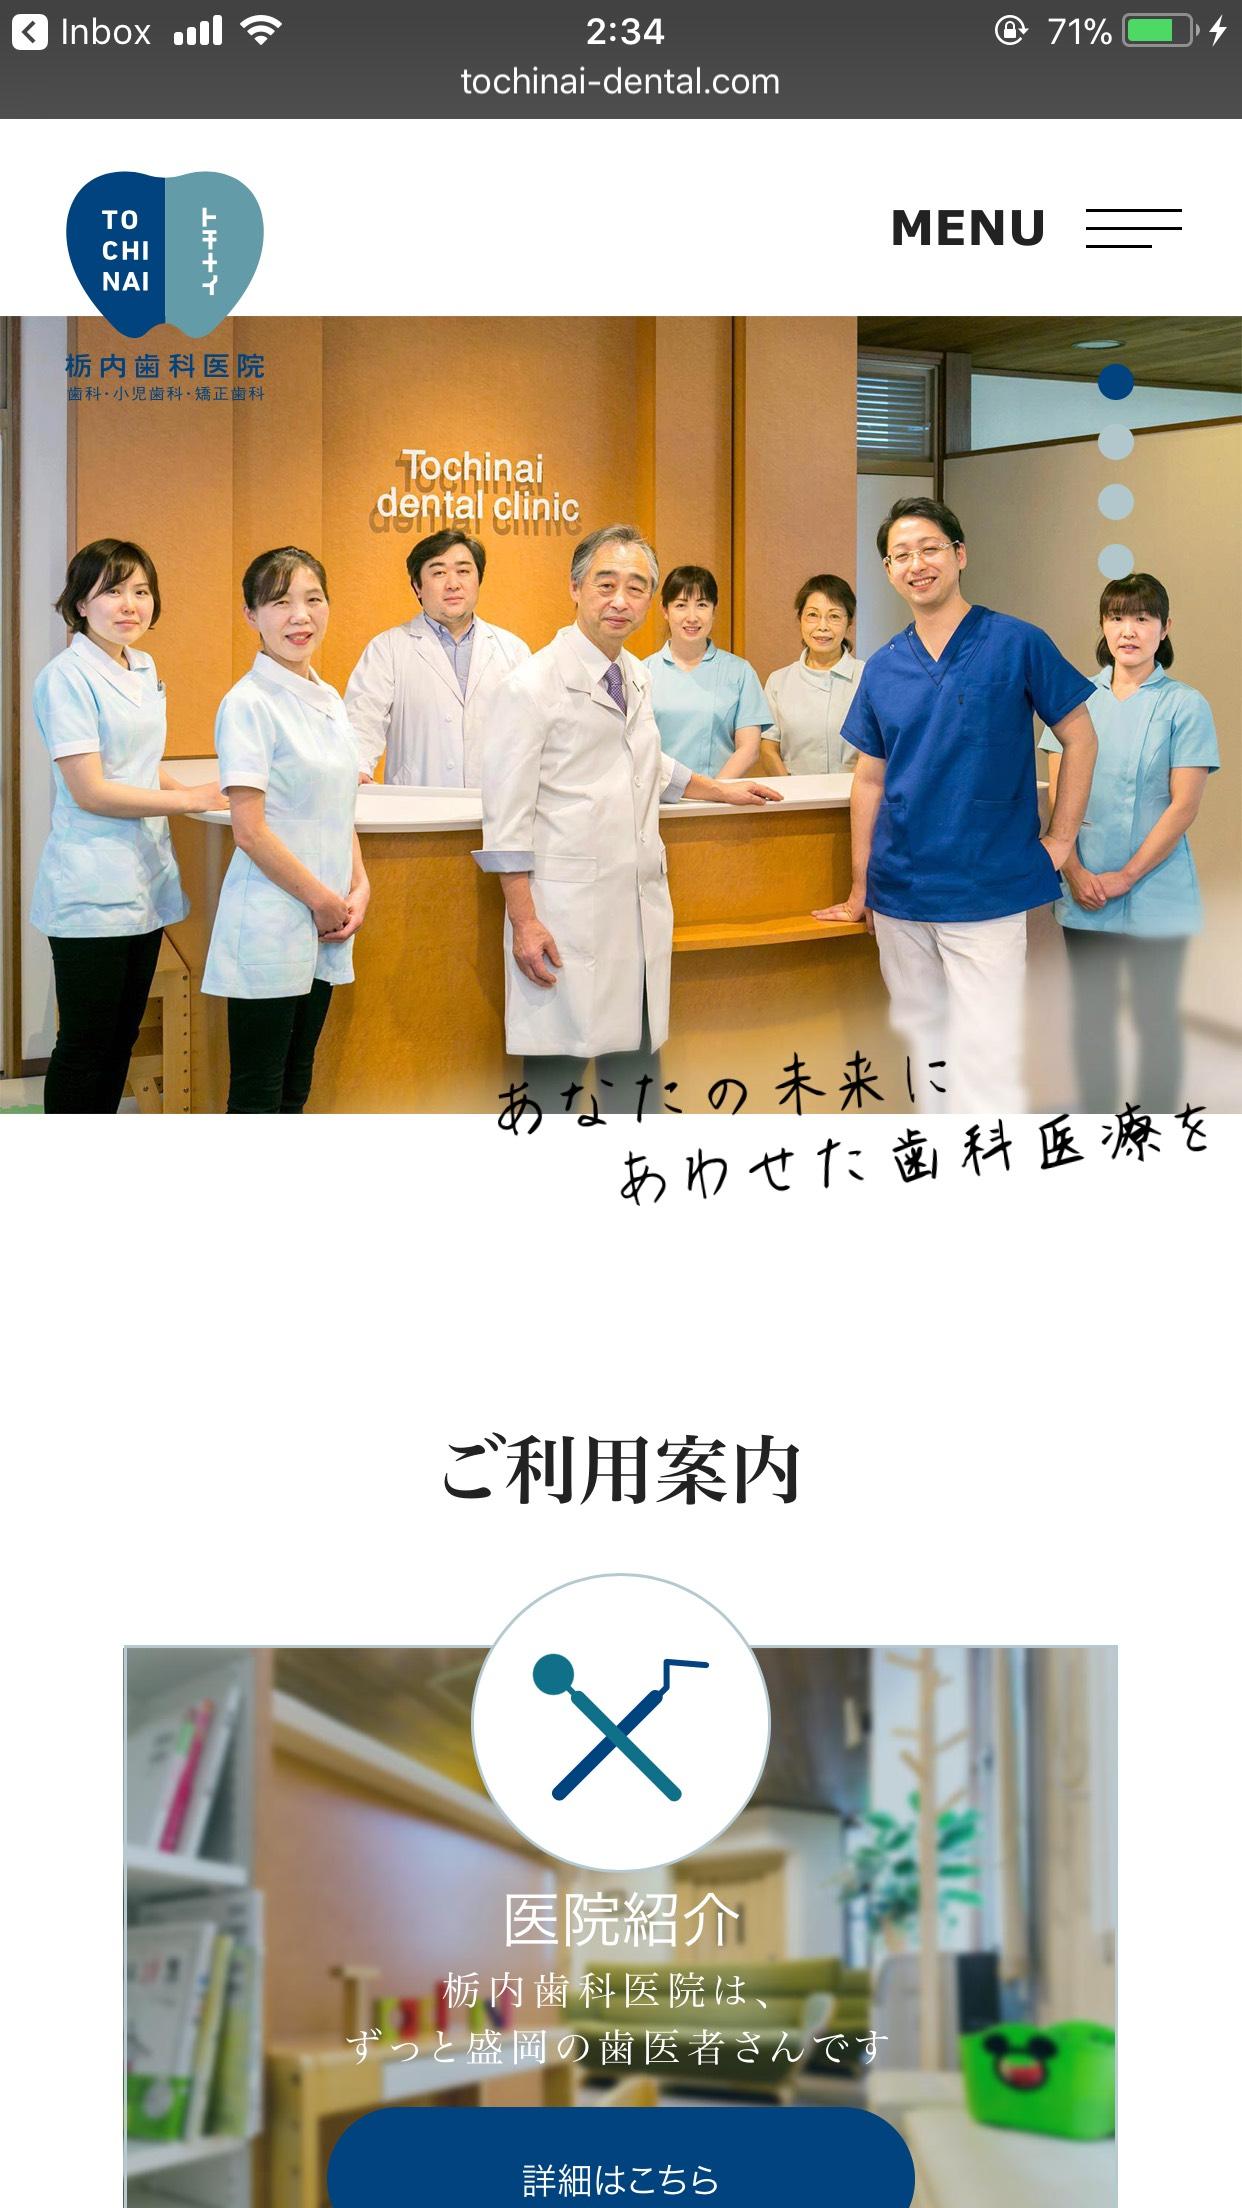 栃内歯科医院 | 盛岡・神明町 歯科・小児歯科・矯正歯科